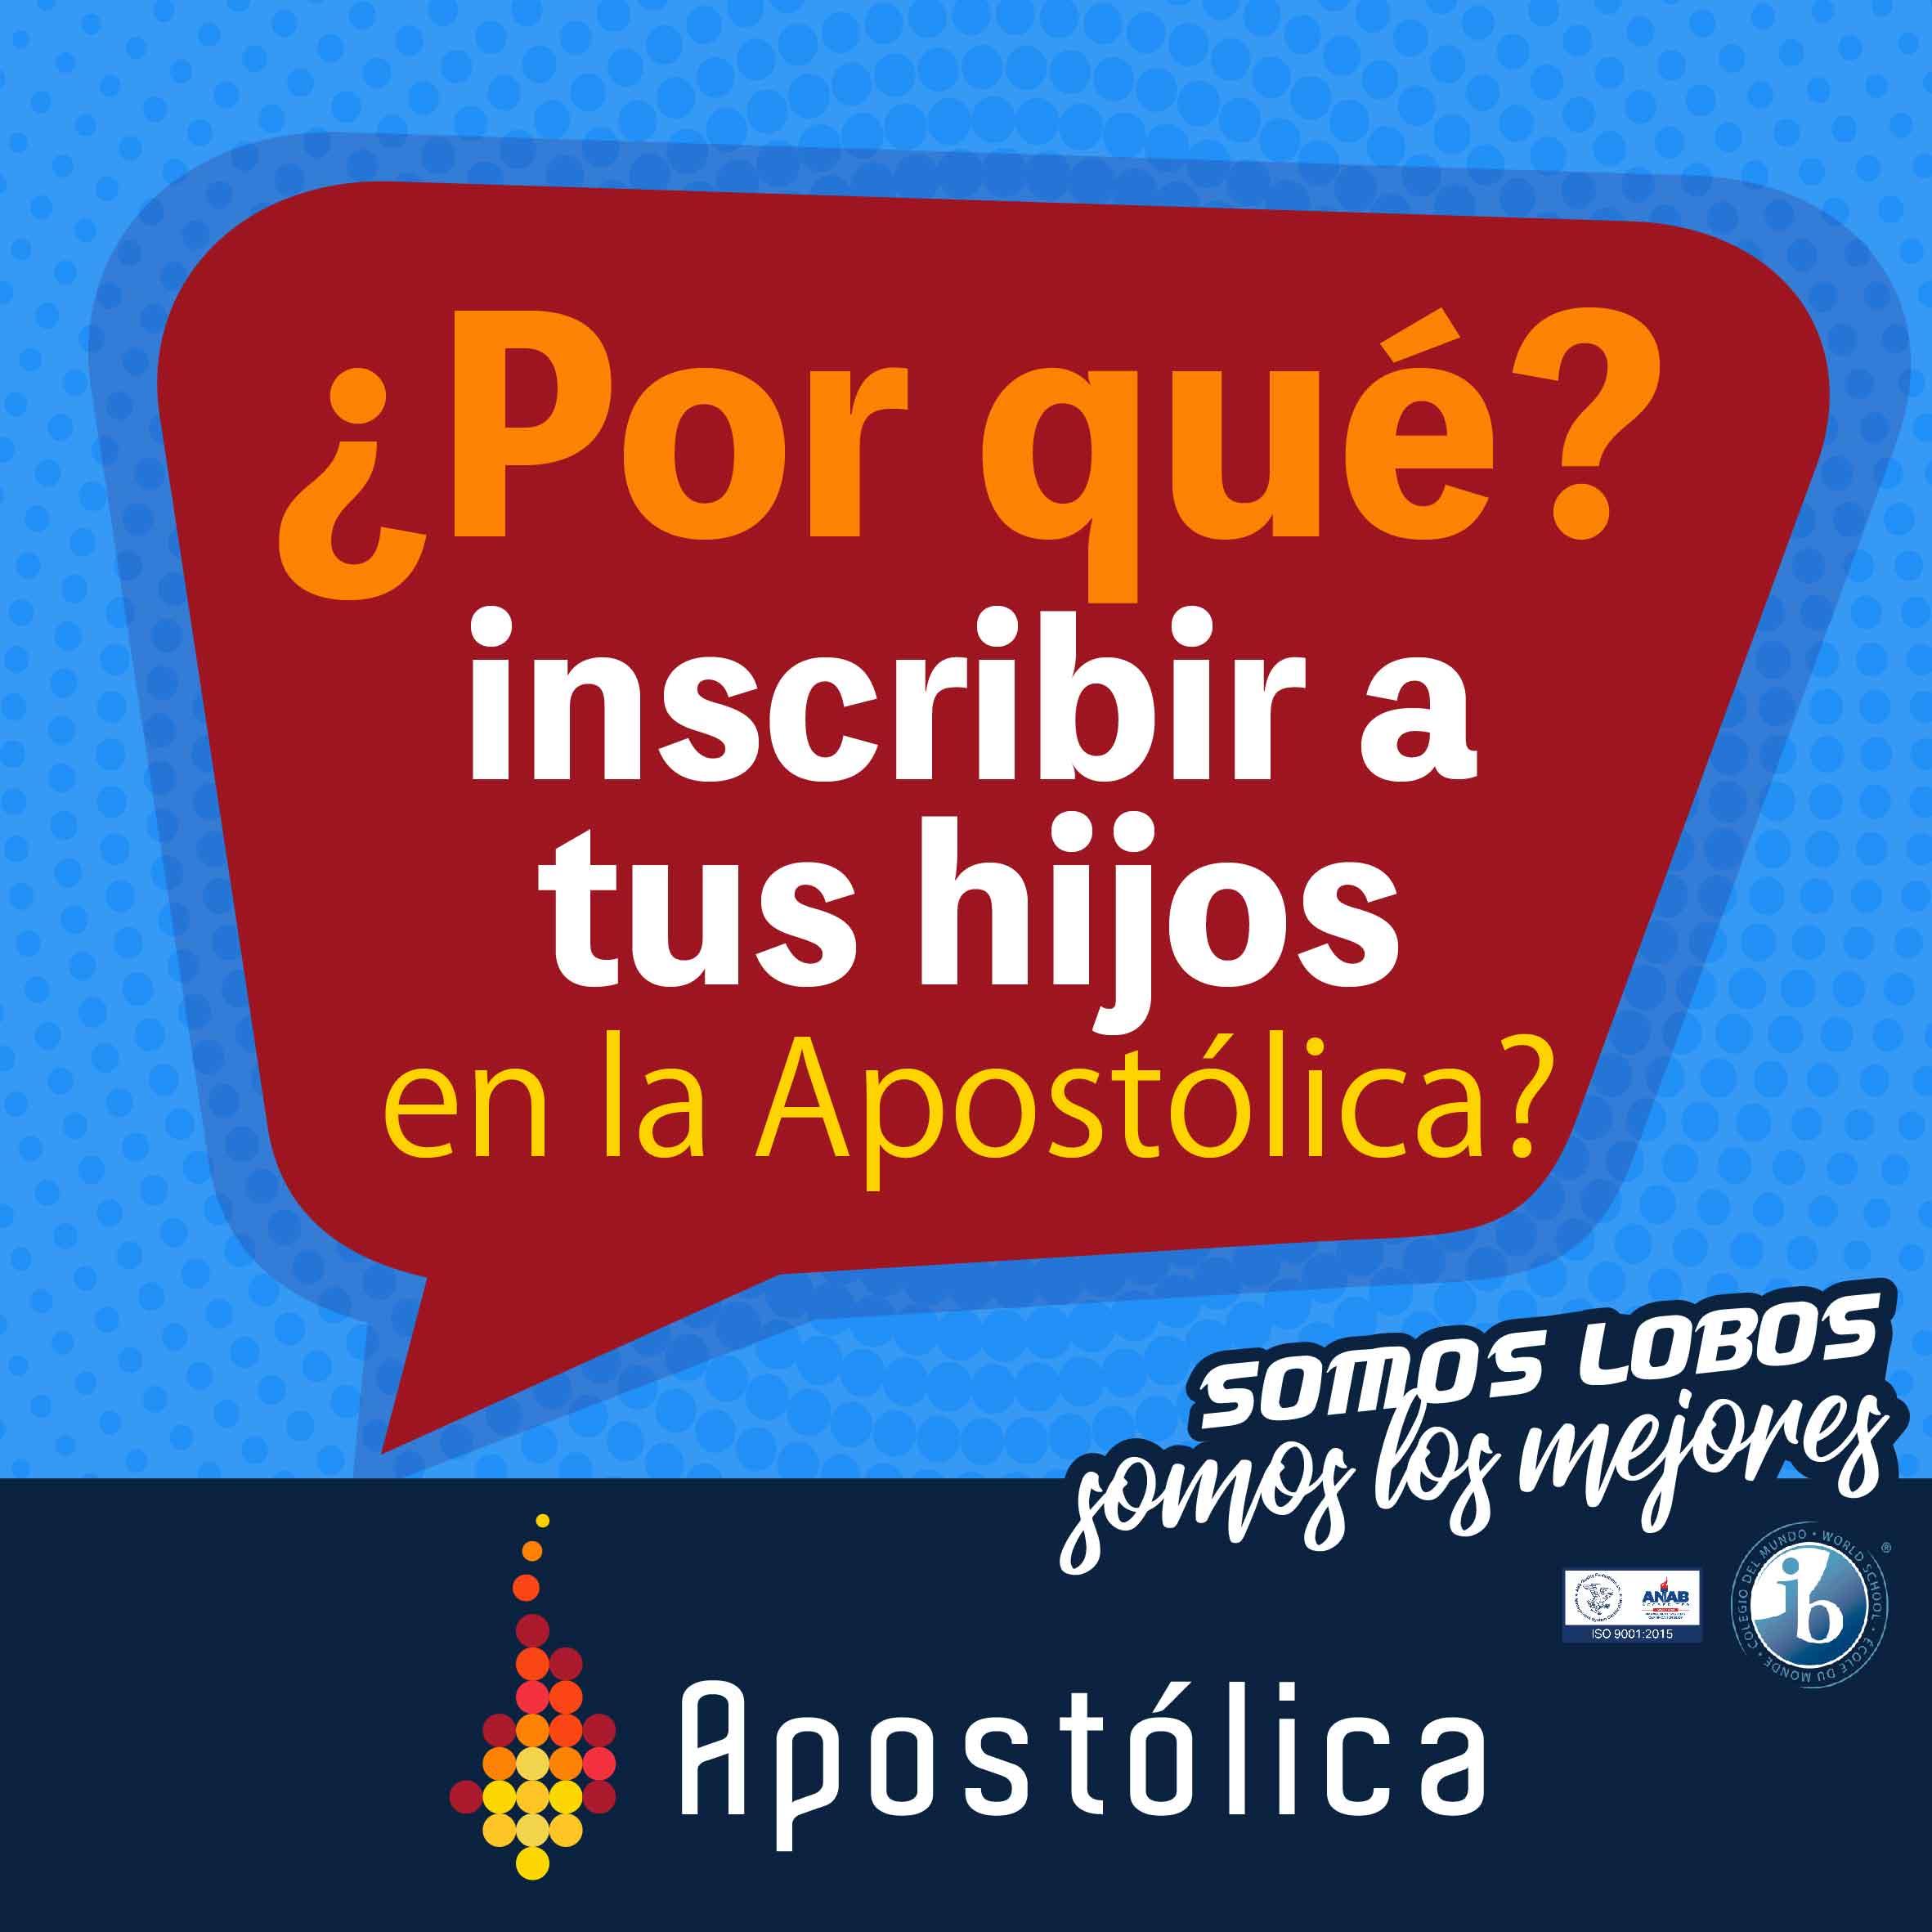 ¿Por qué inscribir a tus hijos en la Apostólica?